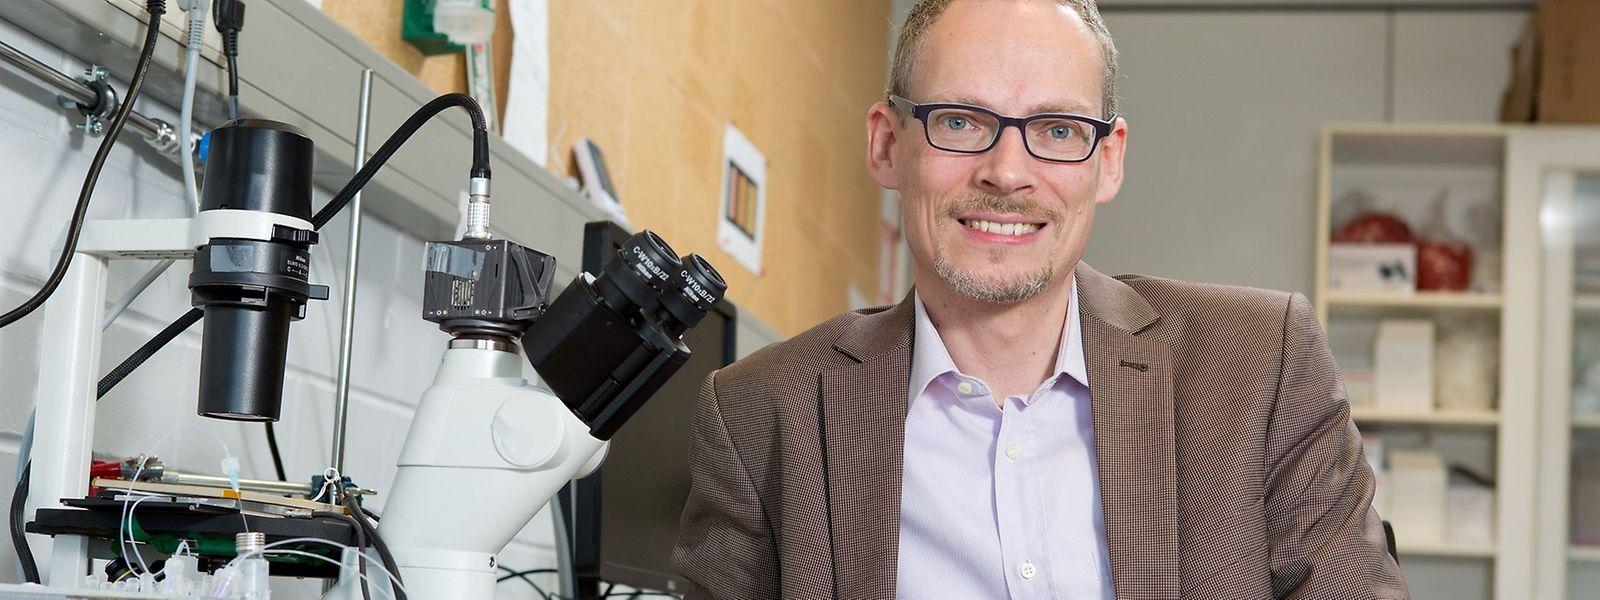 Prof. Dr. Jan Lagerwall erhält den Förderpreis der europäischen Forschungsrates.